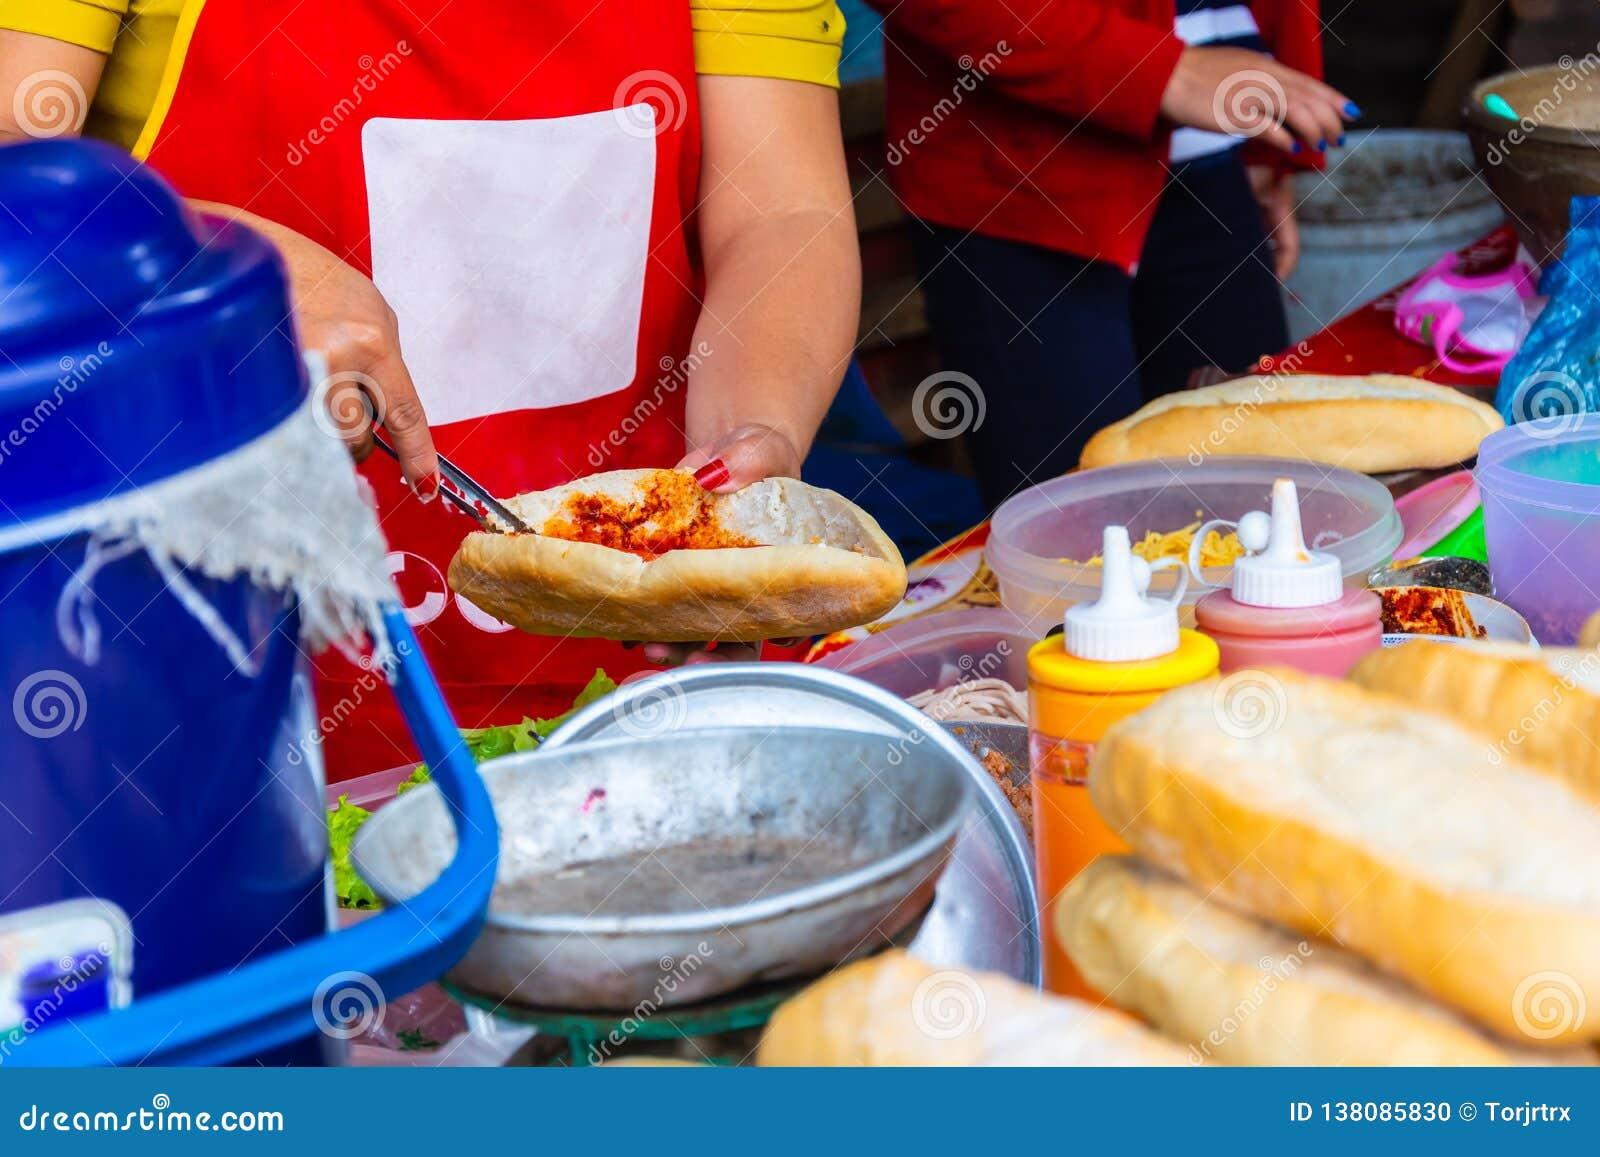 Ο θηλυκός αρχιμάγειρας που κάνει το baguette ύφους του Λάος ή γαλλικά πασπαλίζει με ψίχουλα sanwich, ιδιαίτερα δημοφιλή τρόφιμα ο